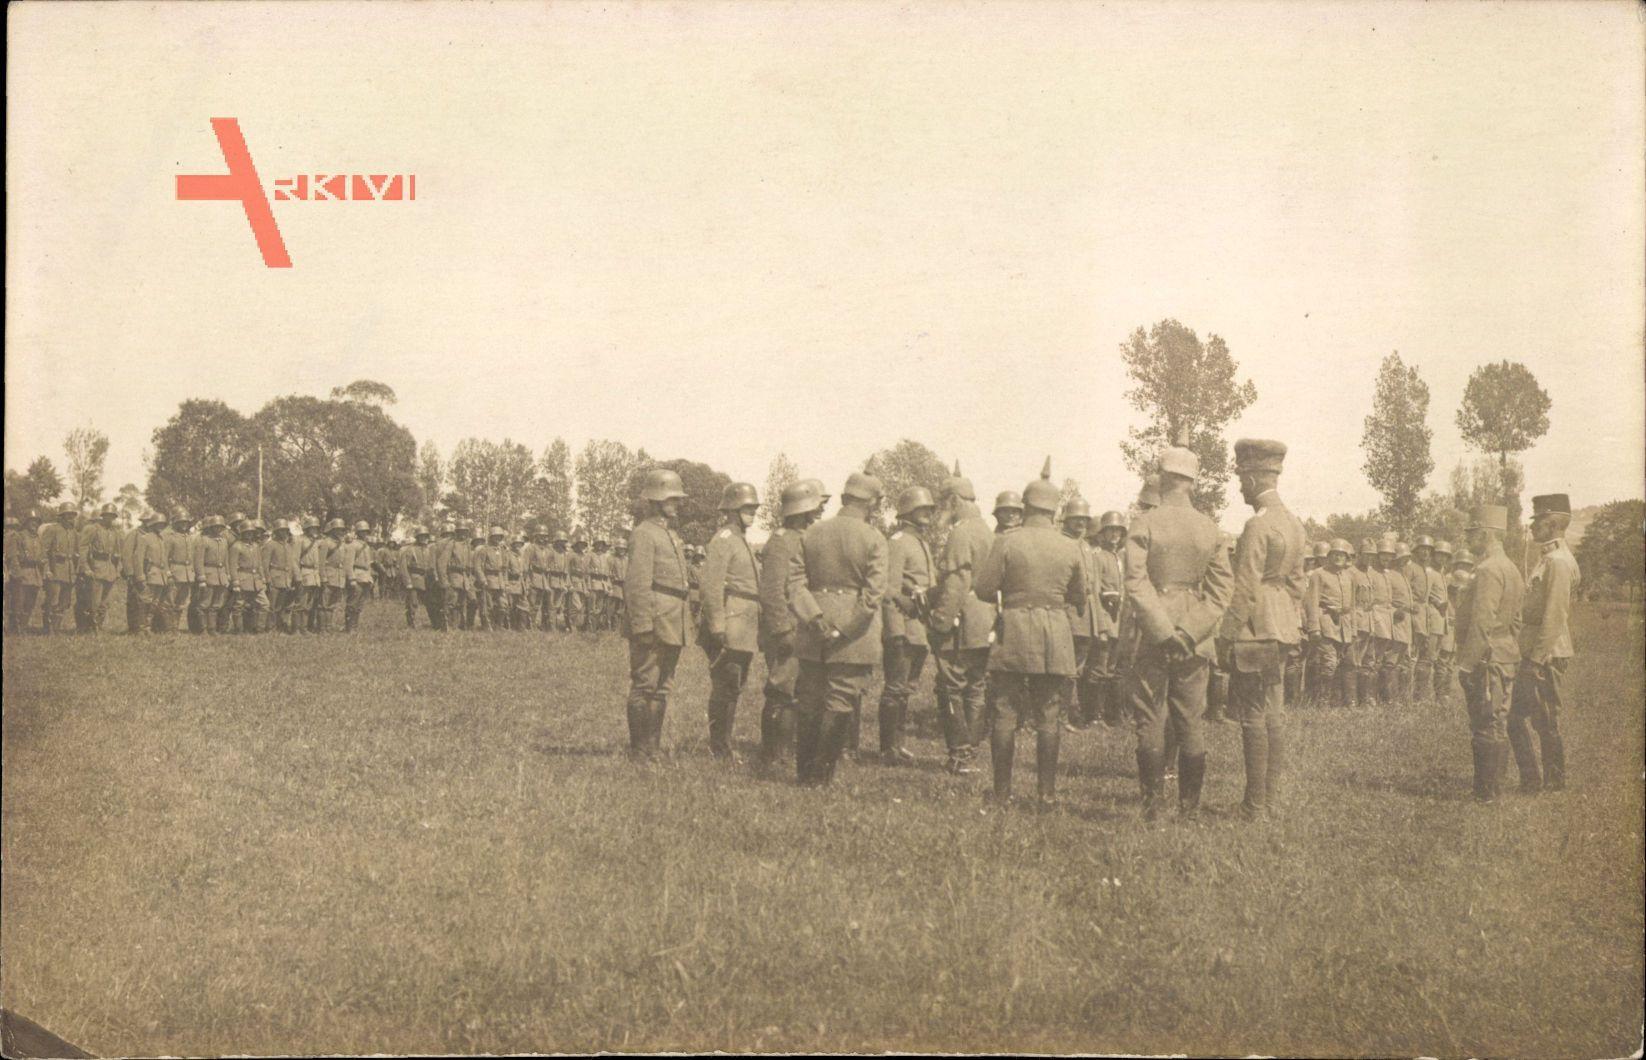 Ukraine, Burg Olesko, R.I.R. 244, Leopold von Bayern, 1917